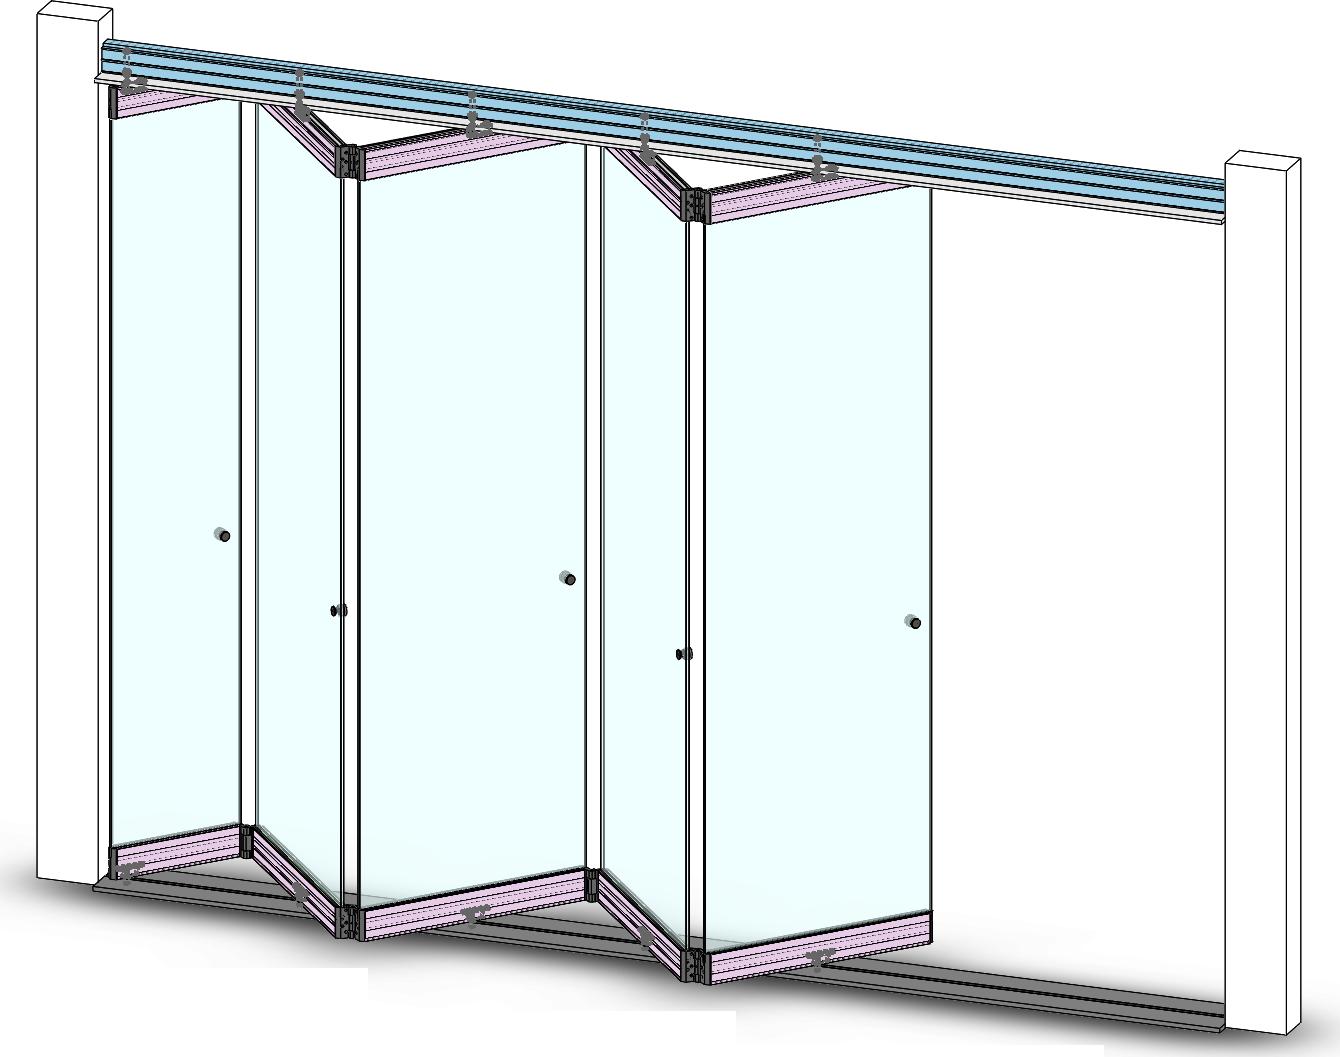 mehrteilige bilder glas 045847 neuesten ideen f r die. Black Bedroom Furniture Sets. Home Design Ideas